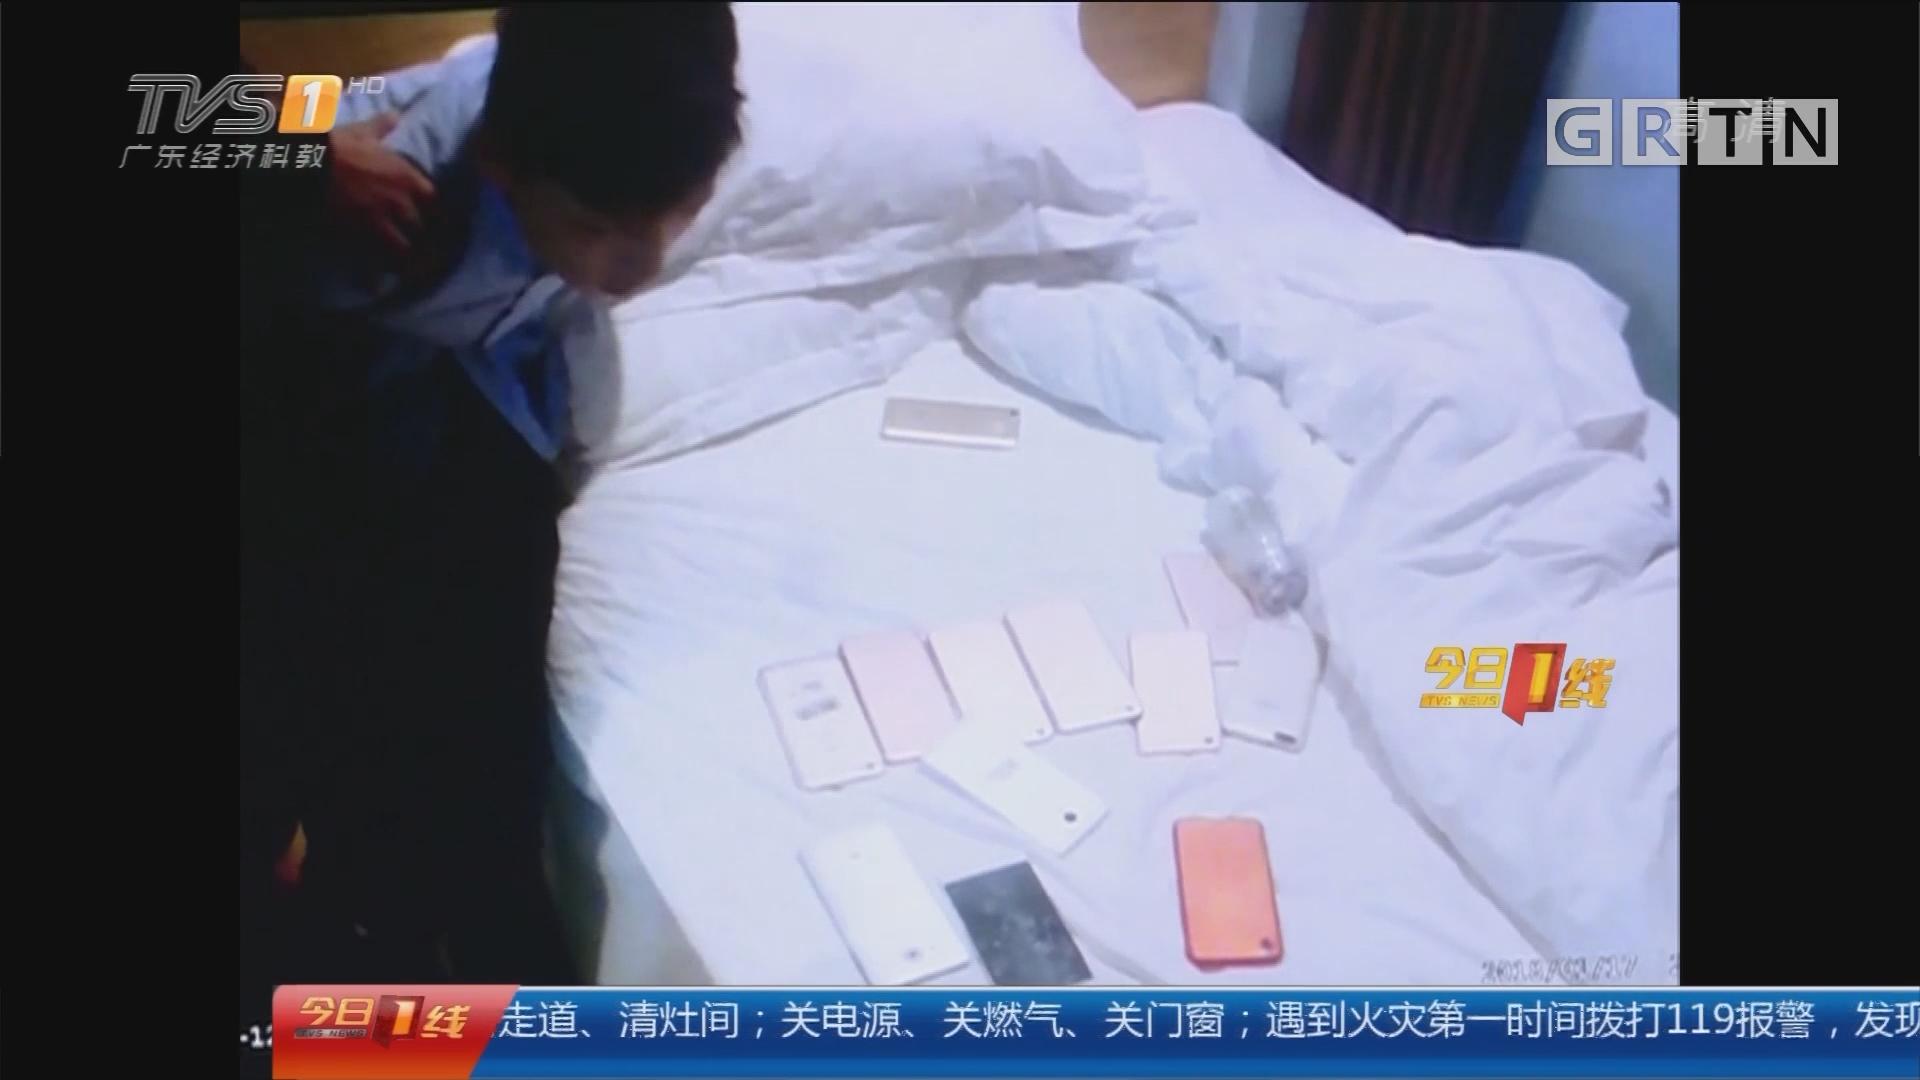 深圳:一天偷12部手机 事主女性居多